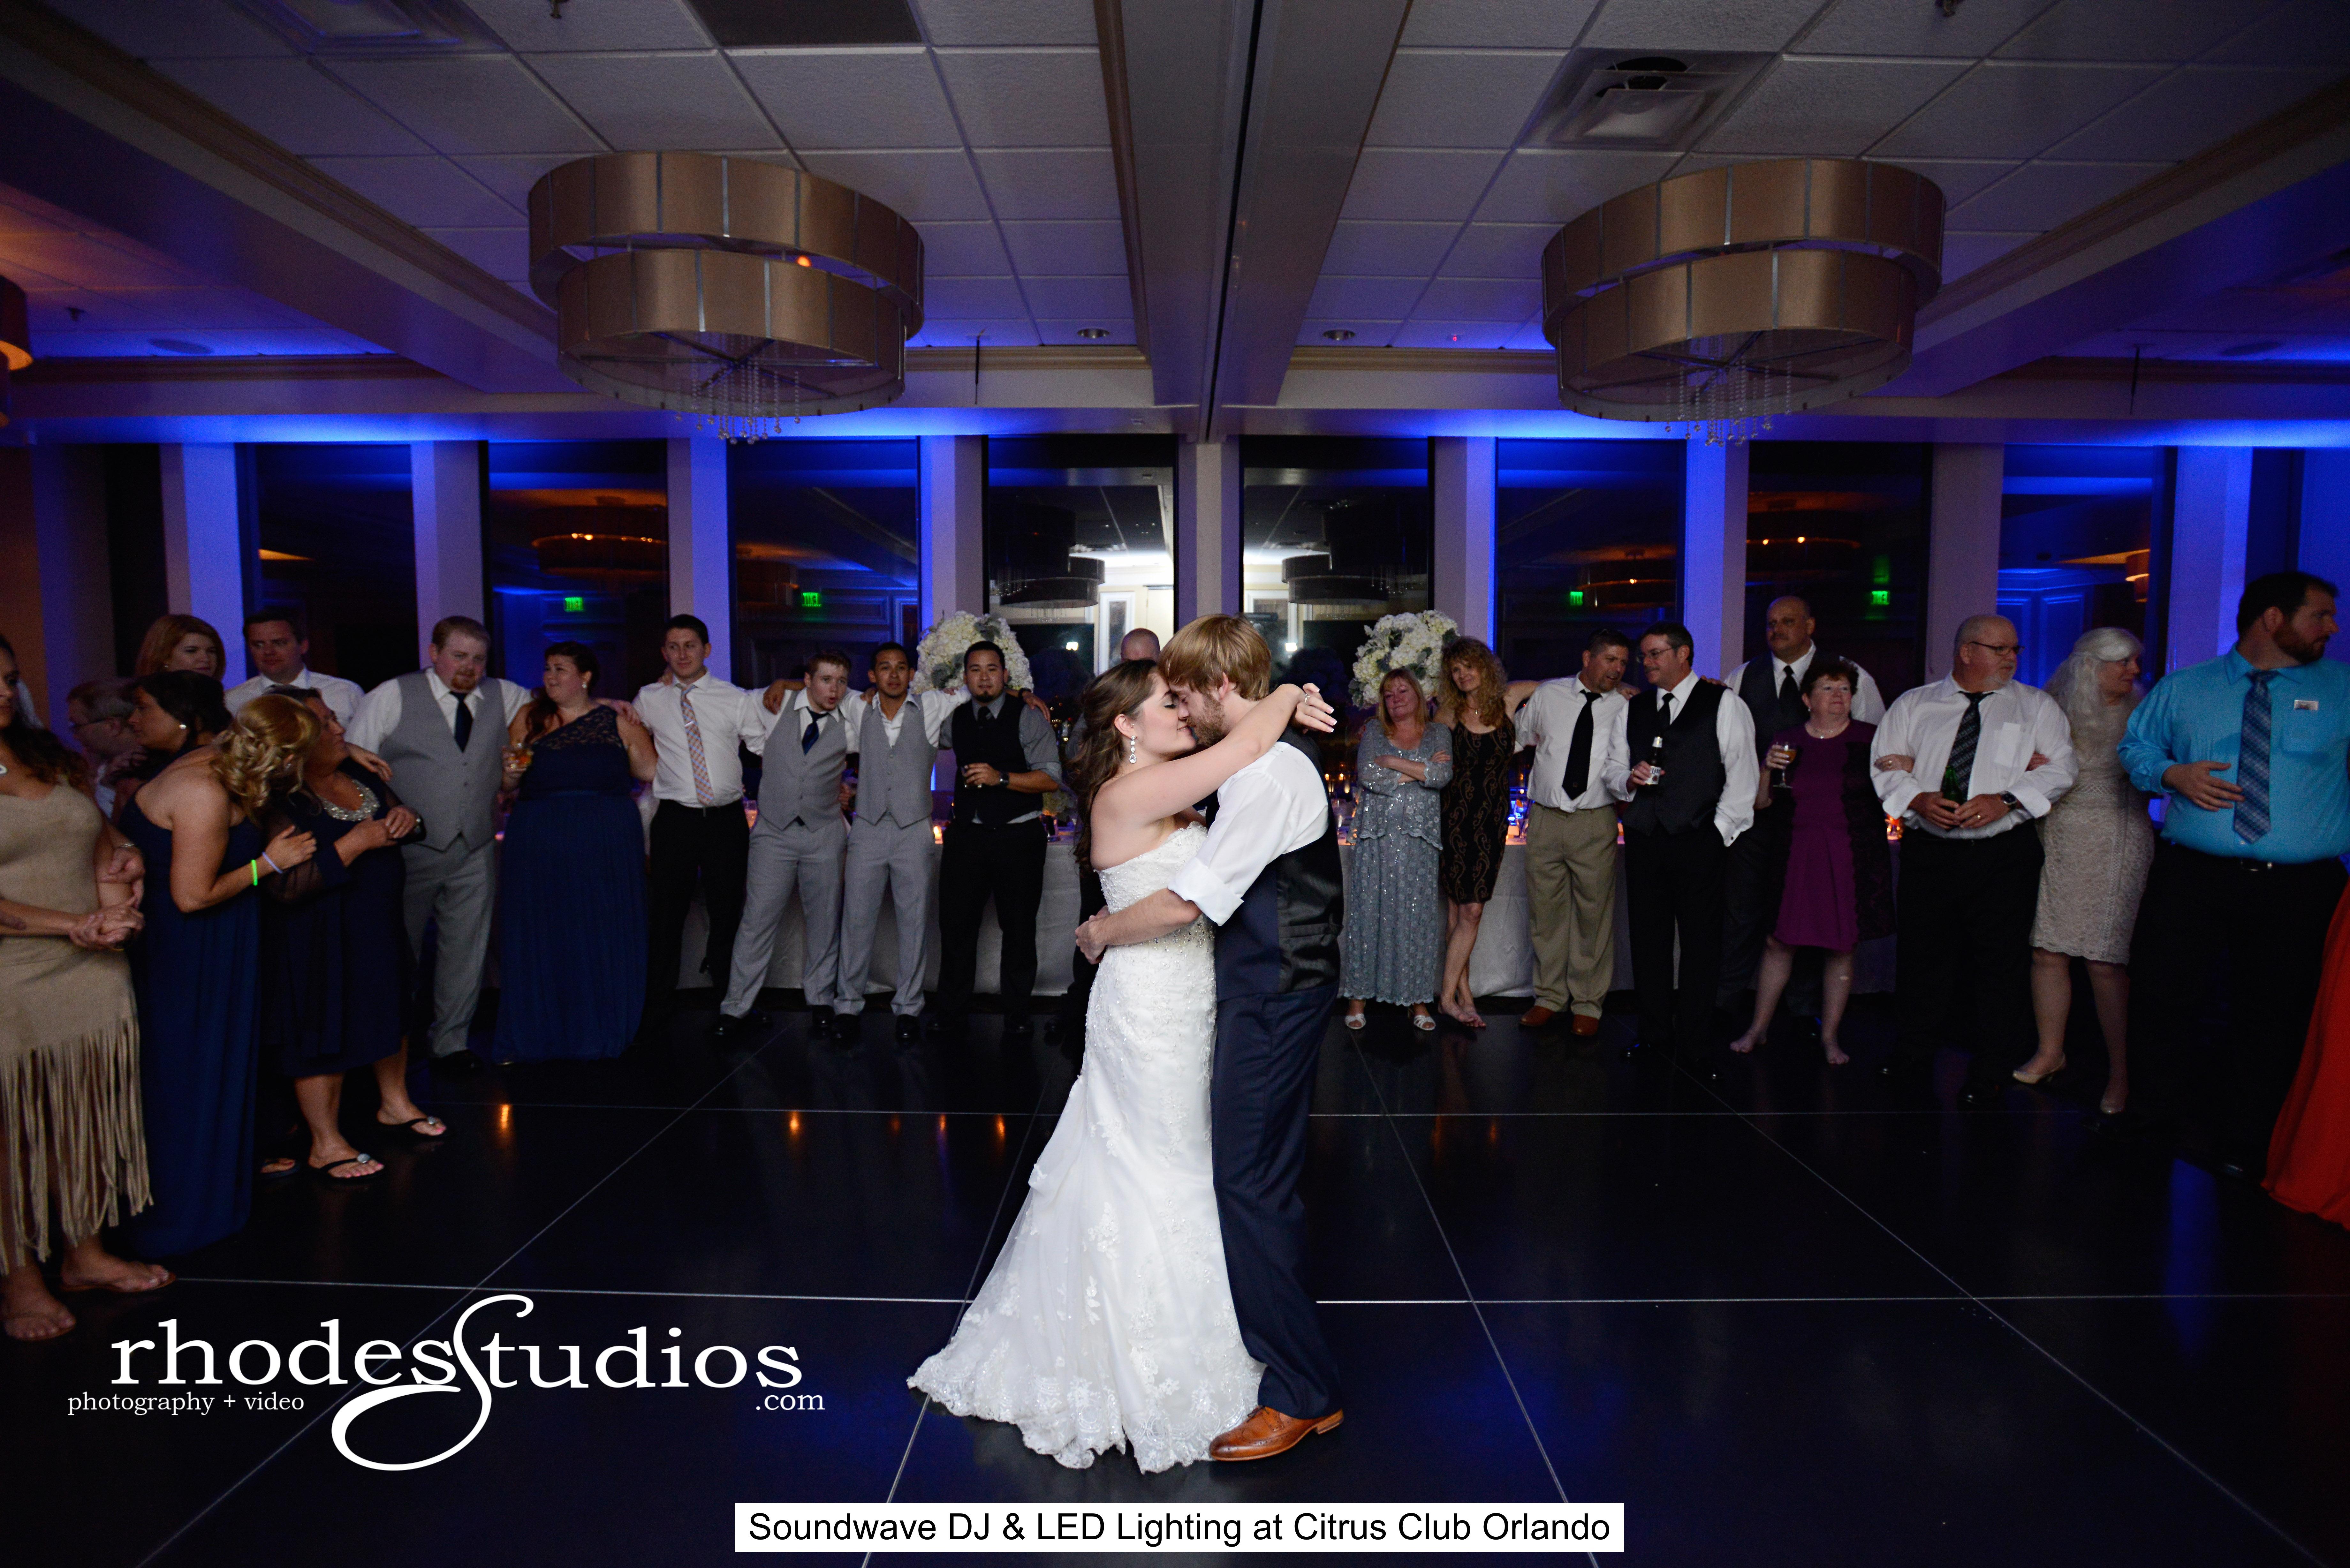 soundwave entertainment - citrus club - orlando wedding venue - orlando wedding dj - LED lighting design - Orlando, fl